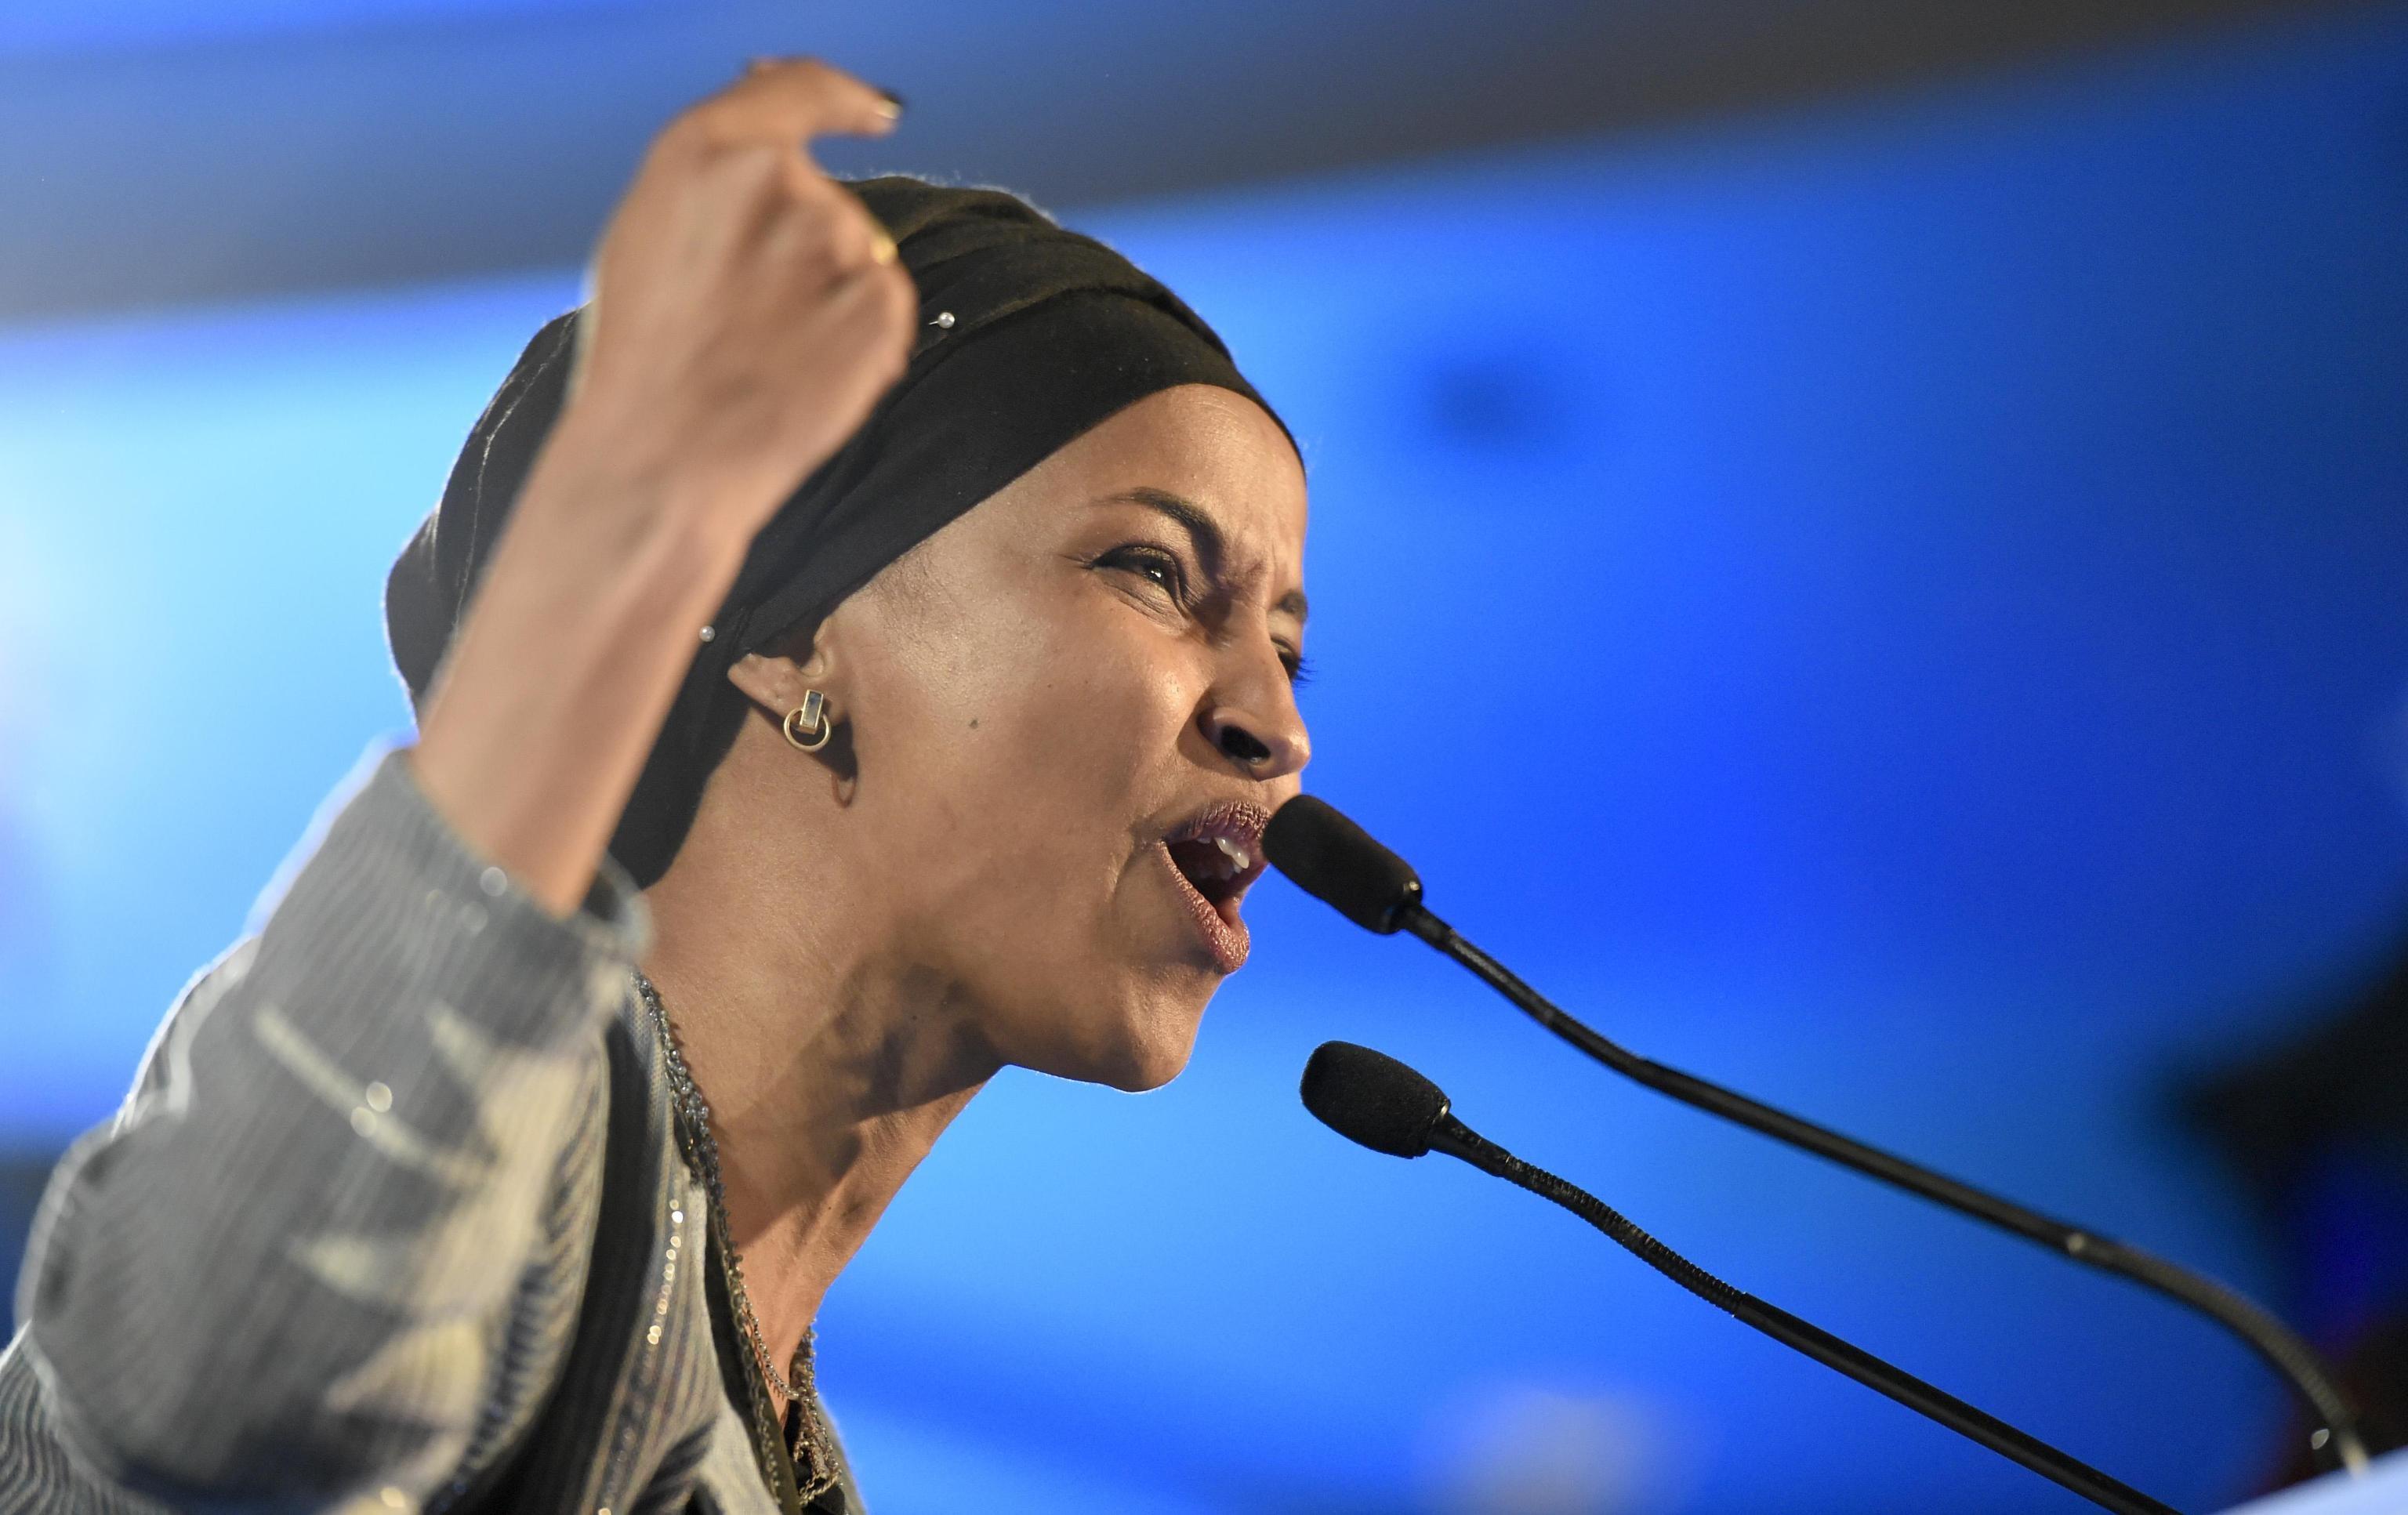 La trentaseienne Ihlam Omar, rifugiata somala, nel discorso dopo la vittoria: la nuova deputata democratica sarà la prima a indossare l'hijab al Campidoglio